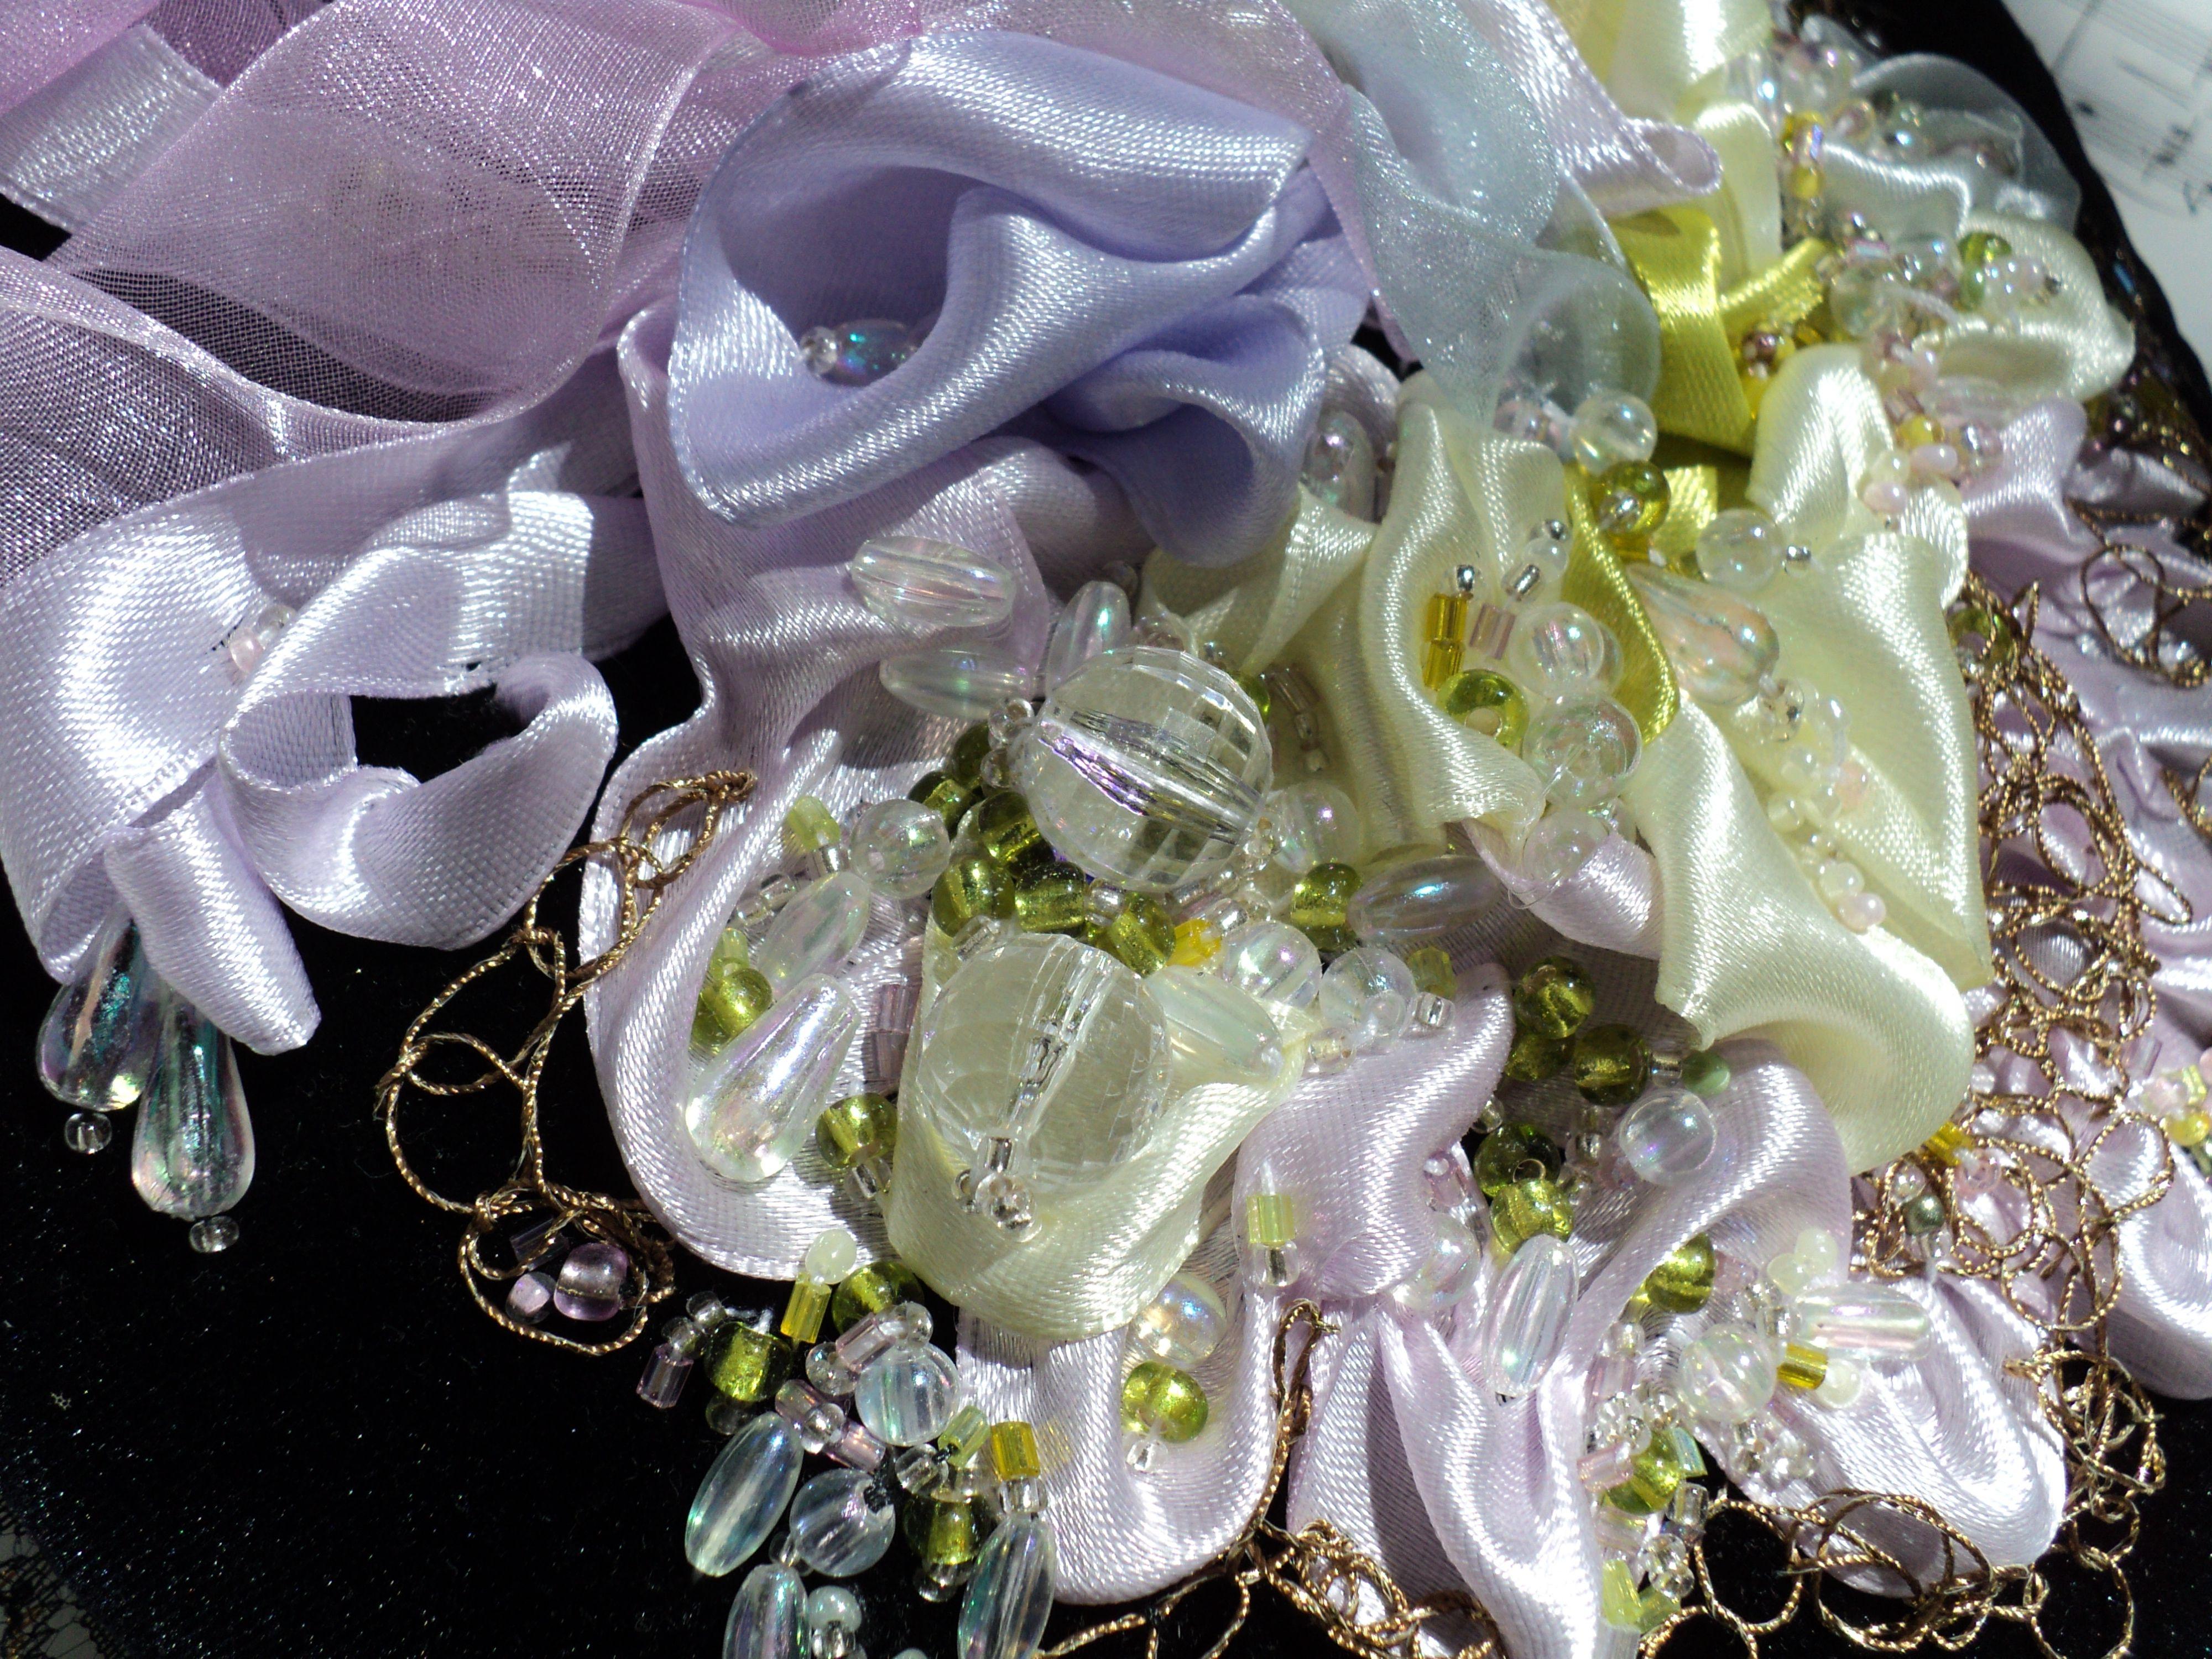 вышитая вышивка цветы авторская панно фэнтези картины работа картина